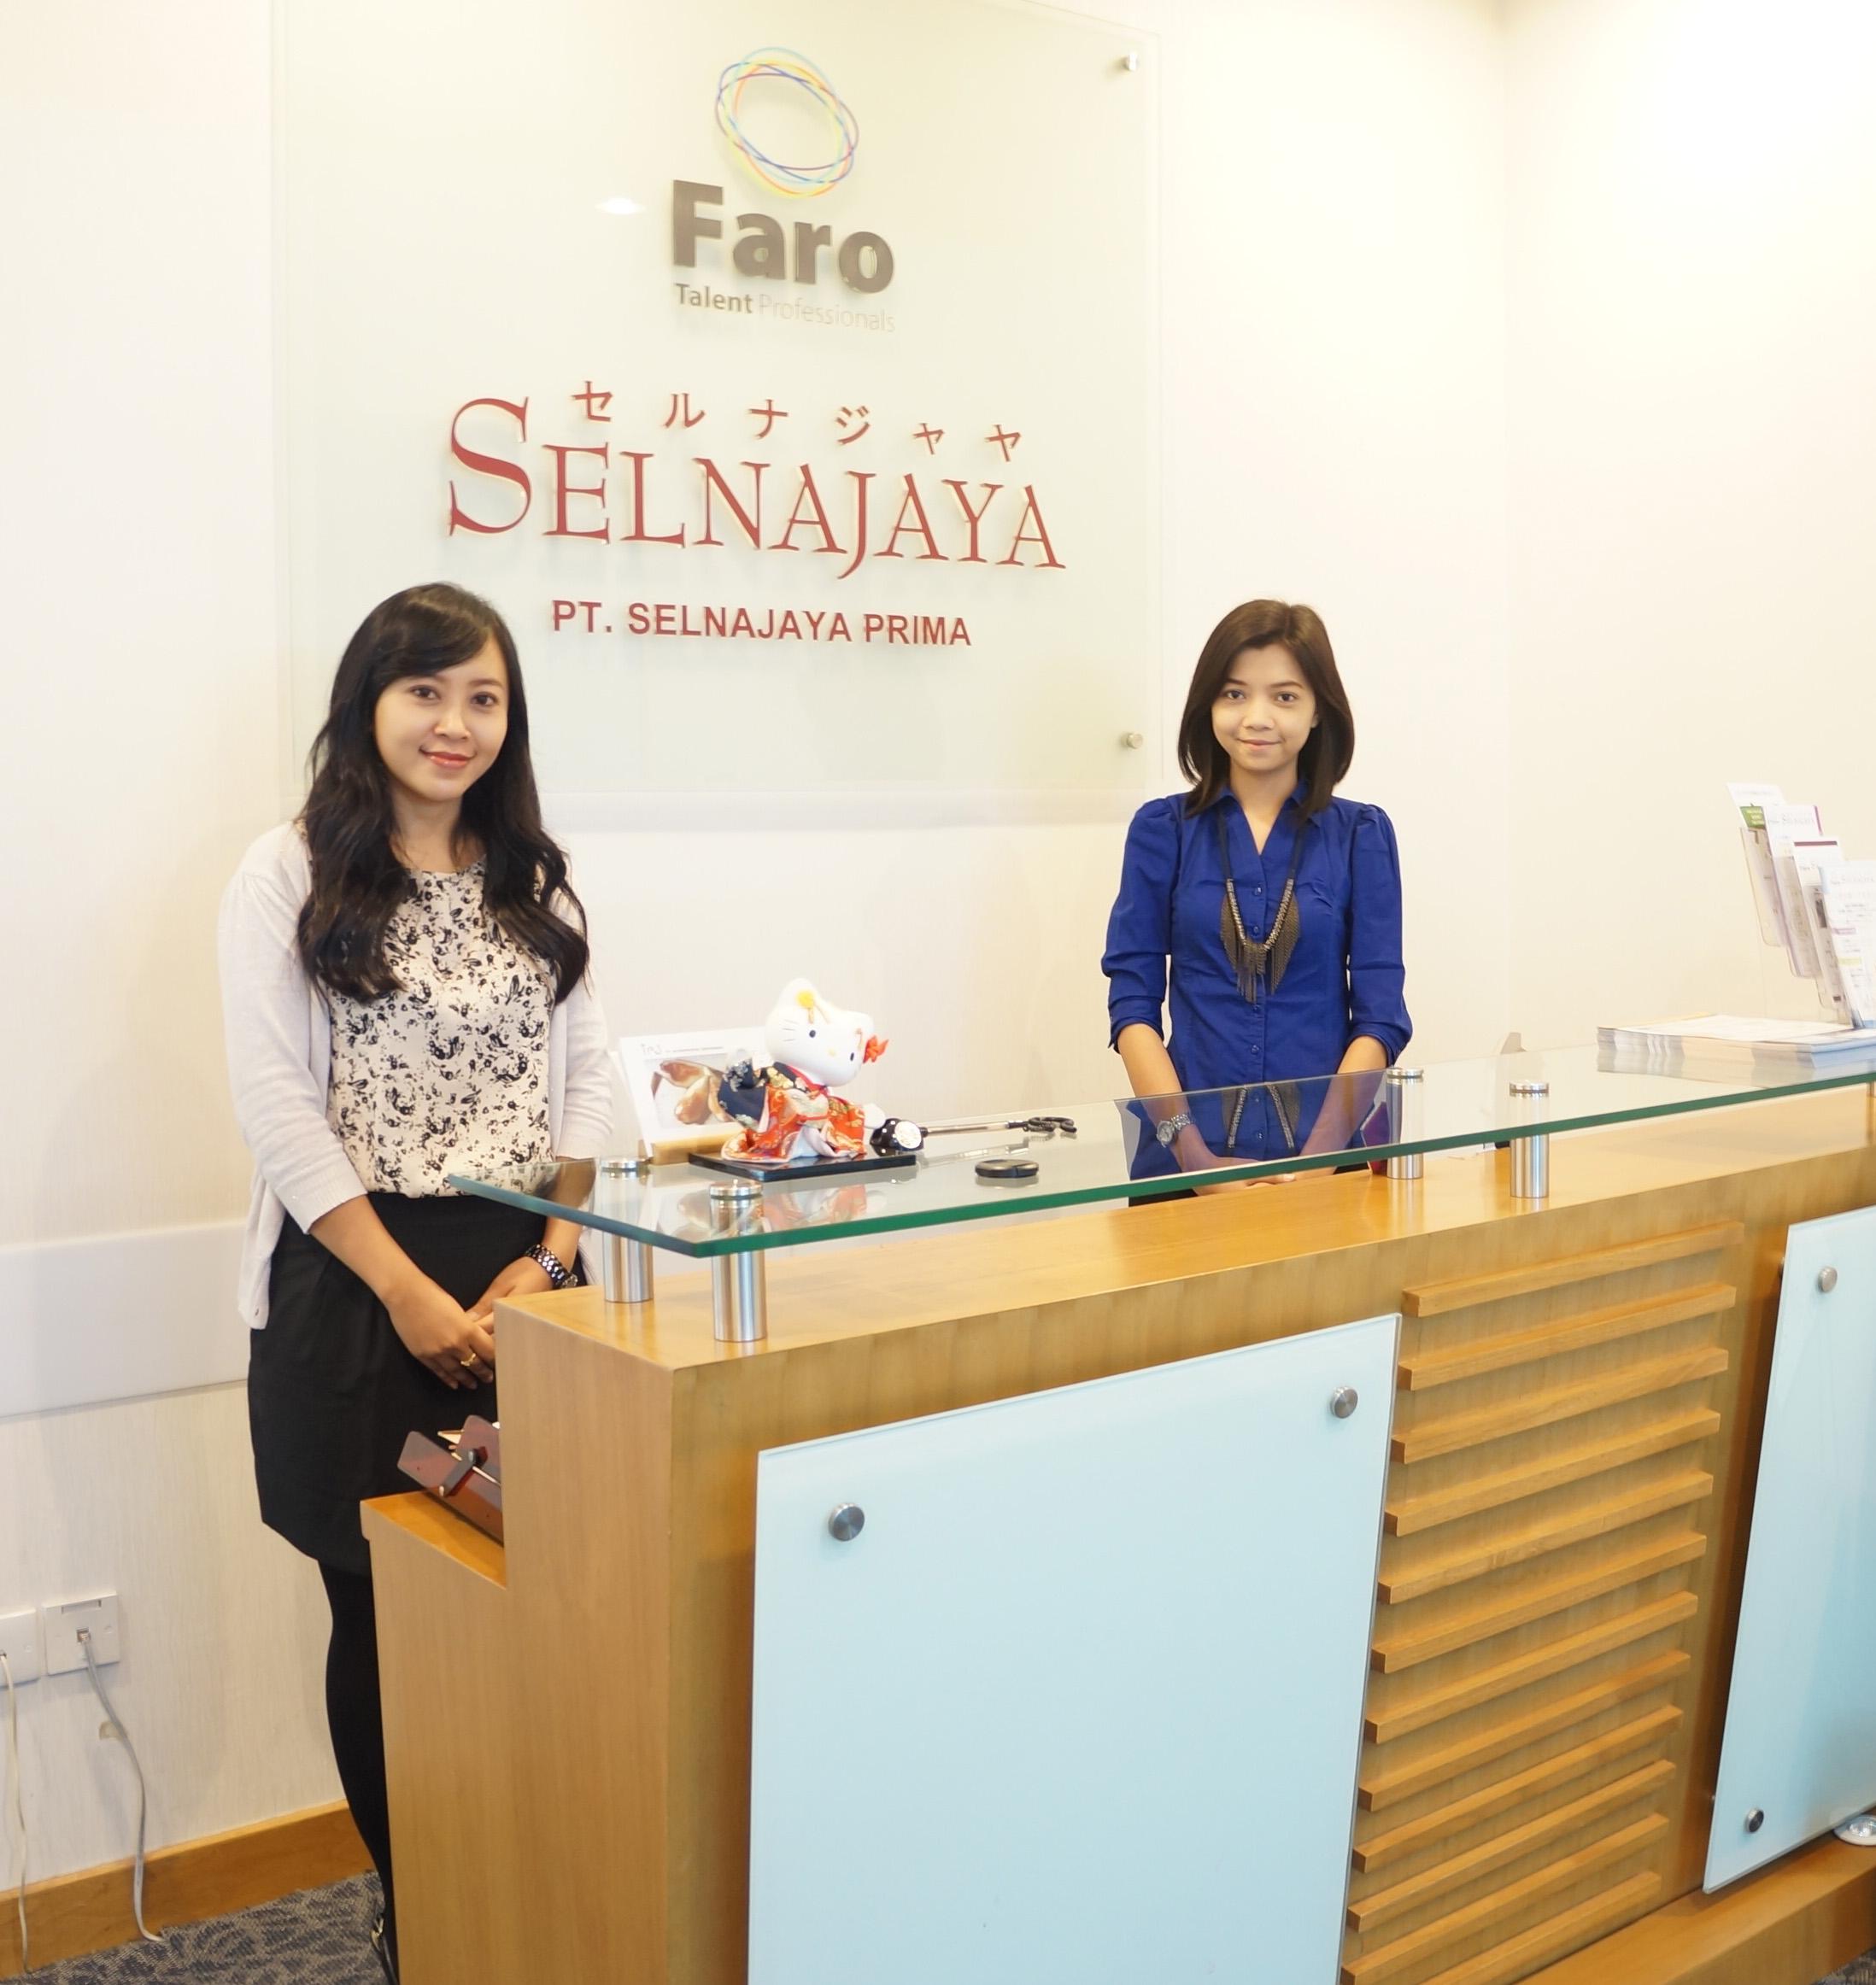 インドネシア ジャカルタの転職エージェント セルナジャヤ 受付